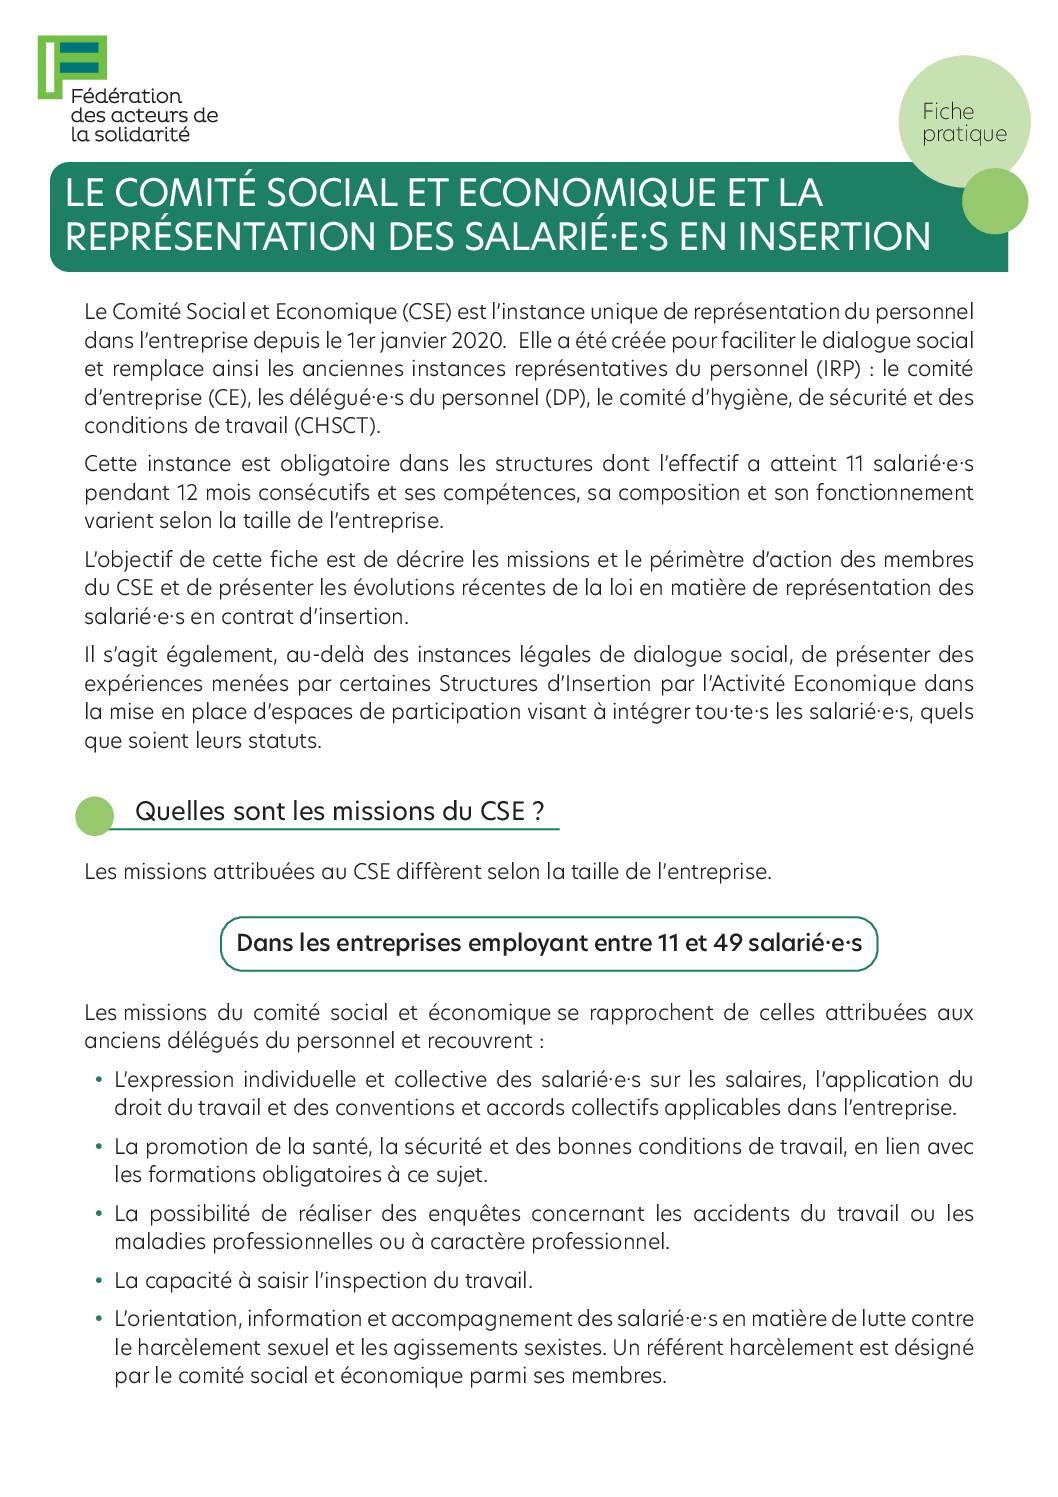 Fiche pratique FAS - Le Comité Social et Économique et la représentation des salarié·e·s en insertion